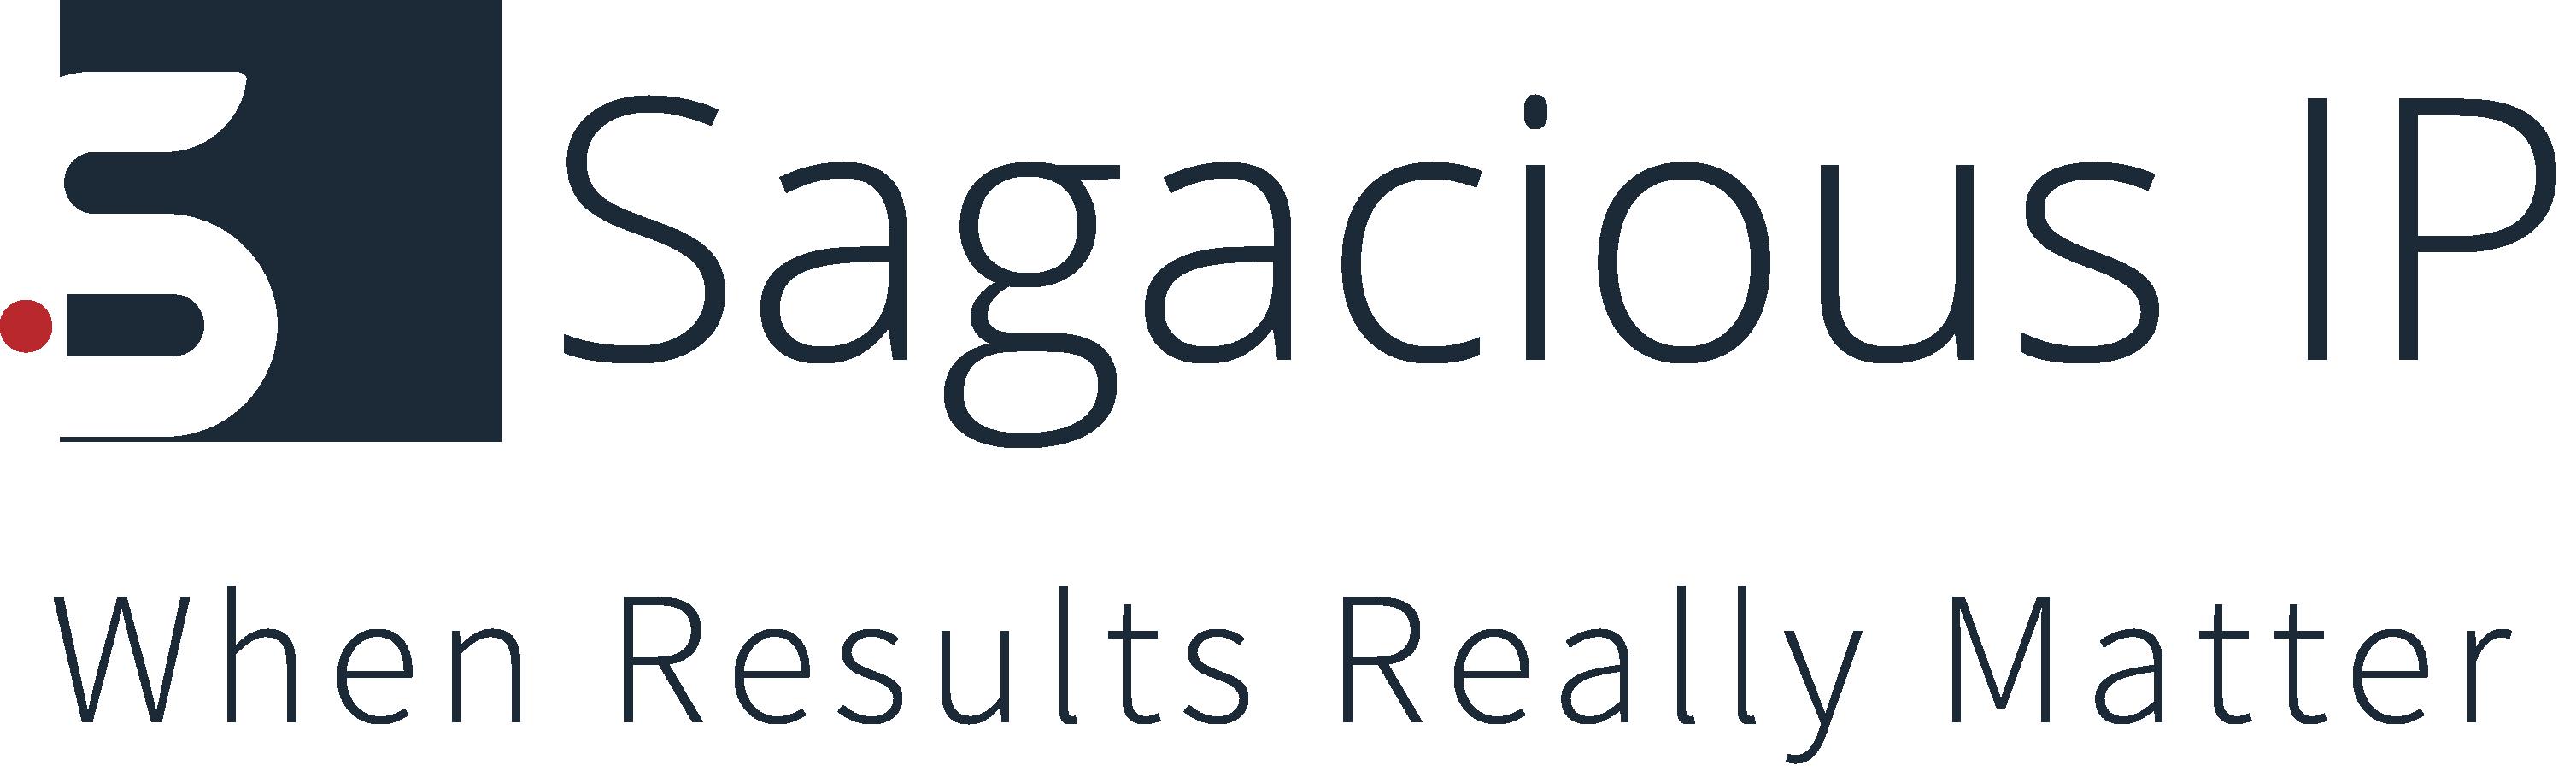 Sagacious Research - Auto USA 2019